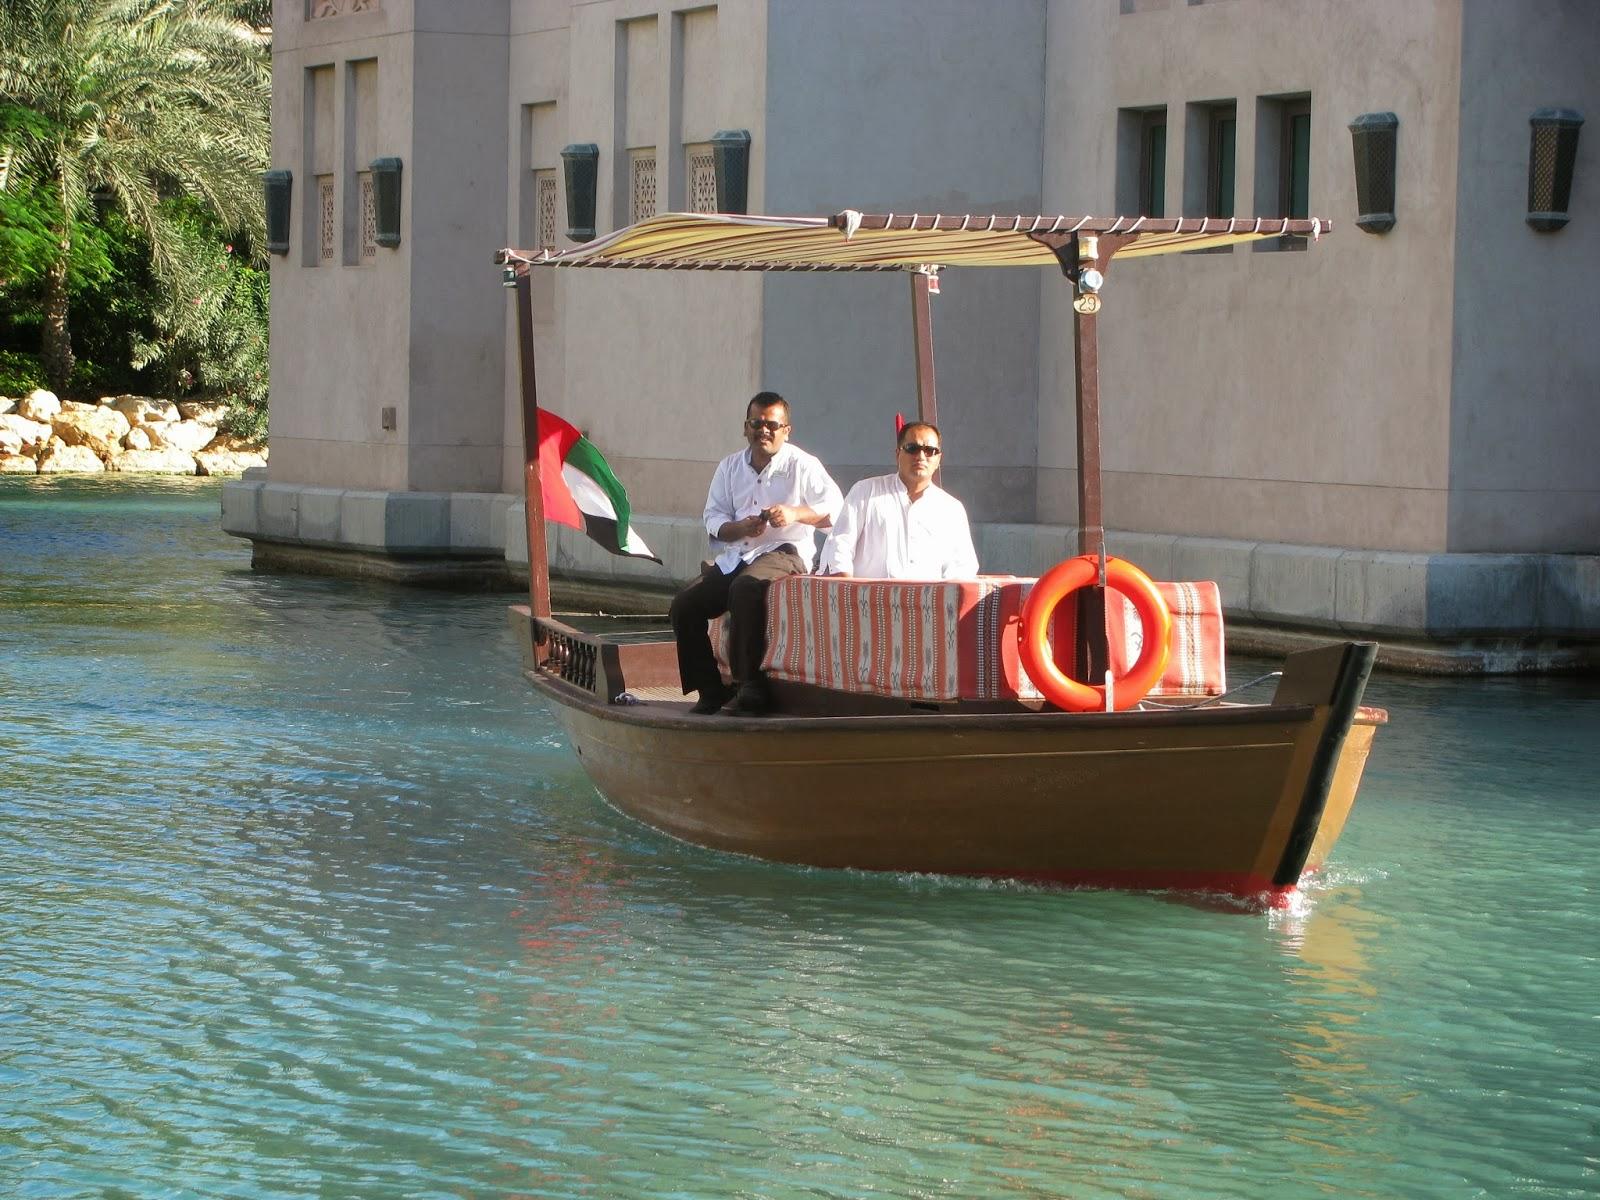 The Souk, Souk, Souk Madinat, The Souk Madinat, Souk Dubaj,dovolená v Dubaji, dovolená v Dubai, Dubai, Dubaj, SAE, UAE, dovolená v Dubaji na vlastní pěst, dovolená v Dubai na vlastní pěst, nejlevnější letenky do Dubaje, ubytování Dubaj, ubytování Dubai, kolik stojí ubytování v Dubaji, blog o cestování, blog o cestování Dubaj, vízum do Dubaje, vízum, vízum Dubaj, Spojené Arabské Emiráty, Spojené Arabské Emiráty dovolená, na kolik vyjde dovolená v Dubaji, Burj Al Arab, Burj Khalifa, Jumeirah Beach Hotel, Jumeriah, pláž v Dubaji, moře v Dubaji, kolik je v Dubaji stupňů, nákupy v Dubaji, FashionHouse, Fashionhouse.cz, www.fashionhouse.cz, zpívající fontána Dubaj, vodní park v Dubaji, luxusní auta v Dubaji, dovolená v Dubaji bez cestovky, Dubaj na vlastní pěst, Burj Khalifa Dubaj, nejvyšší budova na světě, Burj Al Arab Dubaj, nejdražší hotel, nejluxusnější hotel, Dubai Marina, Atlantis, Atlantis Hotel ubytování, Atlantis Dubaj, Atlantis Hotel Dubaj, lyžování v Dubaji, Dubaj lyžování, obchodní centra v Dubaji, obchoďáky v Dubaji, Madinat Hotel, Madinat Hotel Dubaj, Madinat Hotel Dubai, Madinat Dubai, Jumeriah Scarer, co navšťívit v Dubaji, Big Red Dubaj, poušť v Dubaji, celodenní výlety v Dubaji, tržnice v Madinatu, tržnice Madinat, vodní lyžování, vodní sporty Dubaj, vodní sporty na dovolené, Zabeel Saray, Zabeel Saray Dubai, Zabeel Saray Dubaj, umělé ostrovy, umělé ostrovy v Dubaji, Palma Dubaj, spa Dubaj, spa Dubai, rady dovolená Dubaj, rady na dovolenou do Dubaje, co si připravit na dovolenou, co si připravit na dovolenou do Dubaje,dámské oblečení, dámské stylové oblečení, značkové oblečení, oblečení ze zahraničí, zahraniční eshop, eshop s poštovným zdarma, letní šaty, eshop s dámkým oblečením, eshop výprodej, dlouhé šaty, sexy mini šaty, černé šaty, zlaté doplňky, asijská móda, thajsko, dovolená v thajsku, dovolená v dubaji, thajsko na vlastní pěst, thajsko bez cestovky, dovolená v thajsku, dovolená v dubaji na vlastní pěst, dovolená v dubaji bez cestovky, dubaj bez 